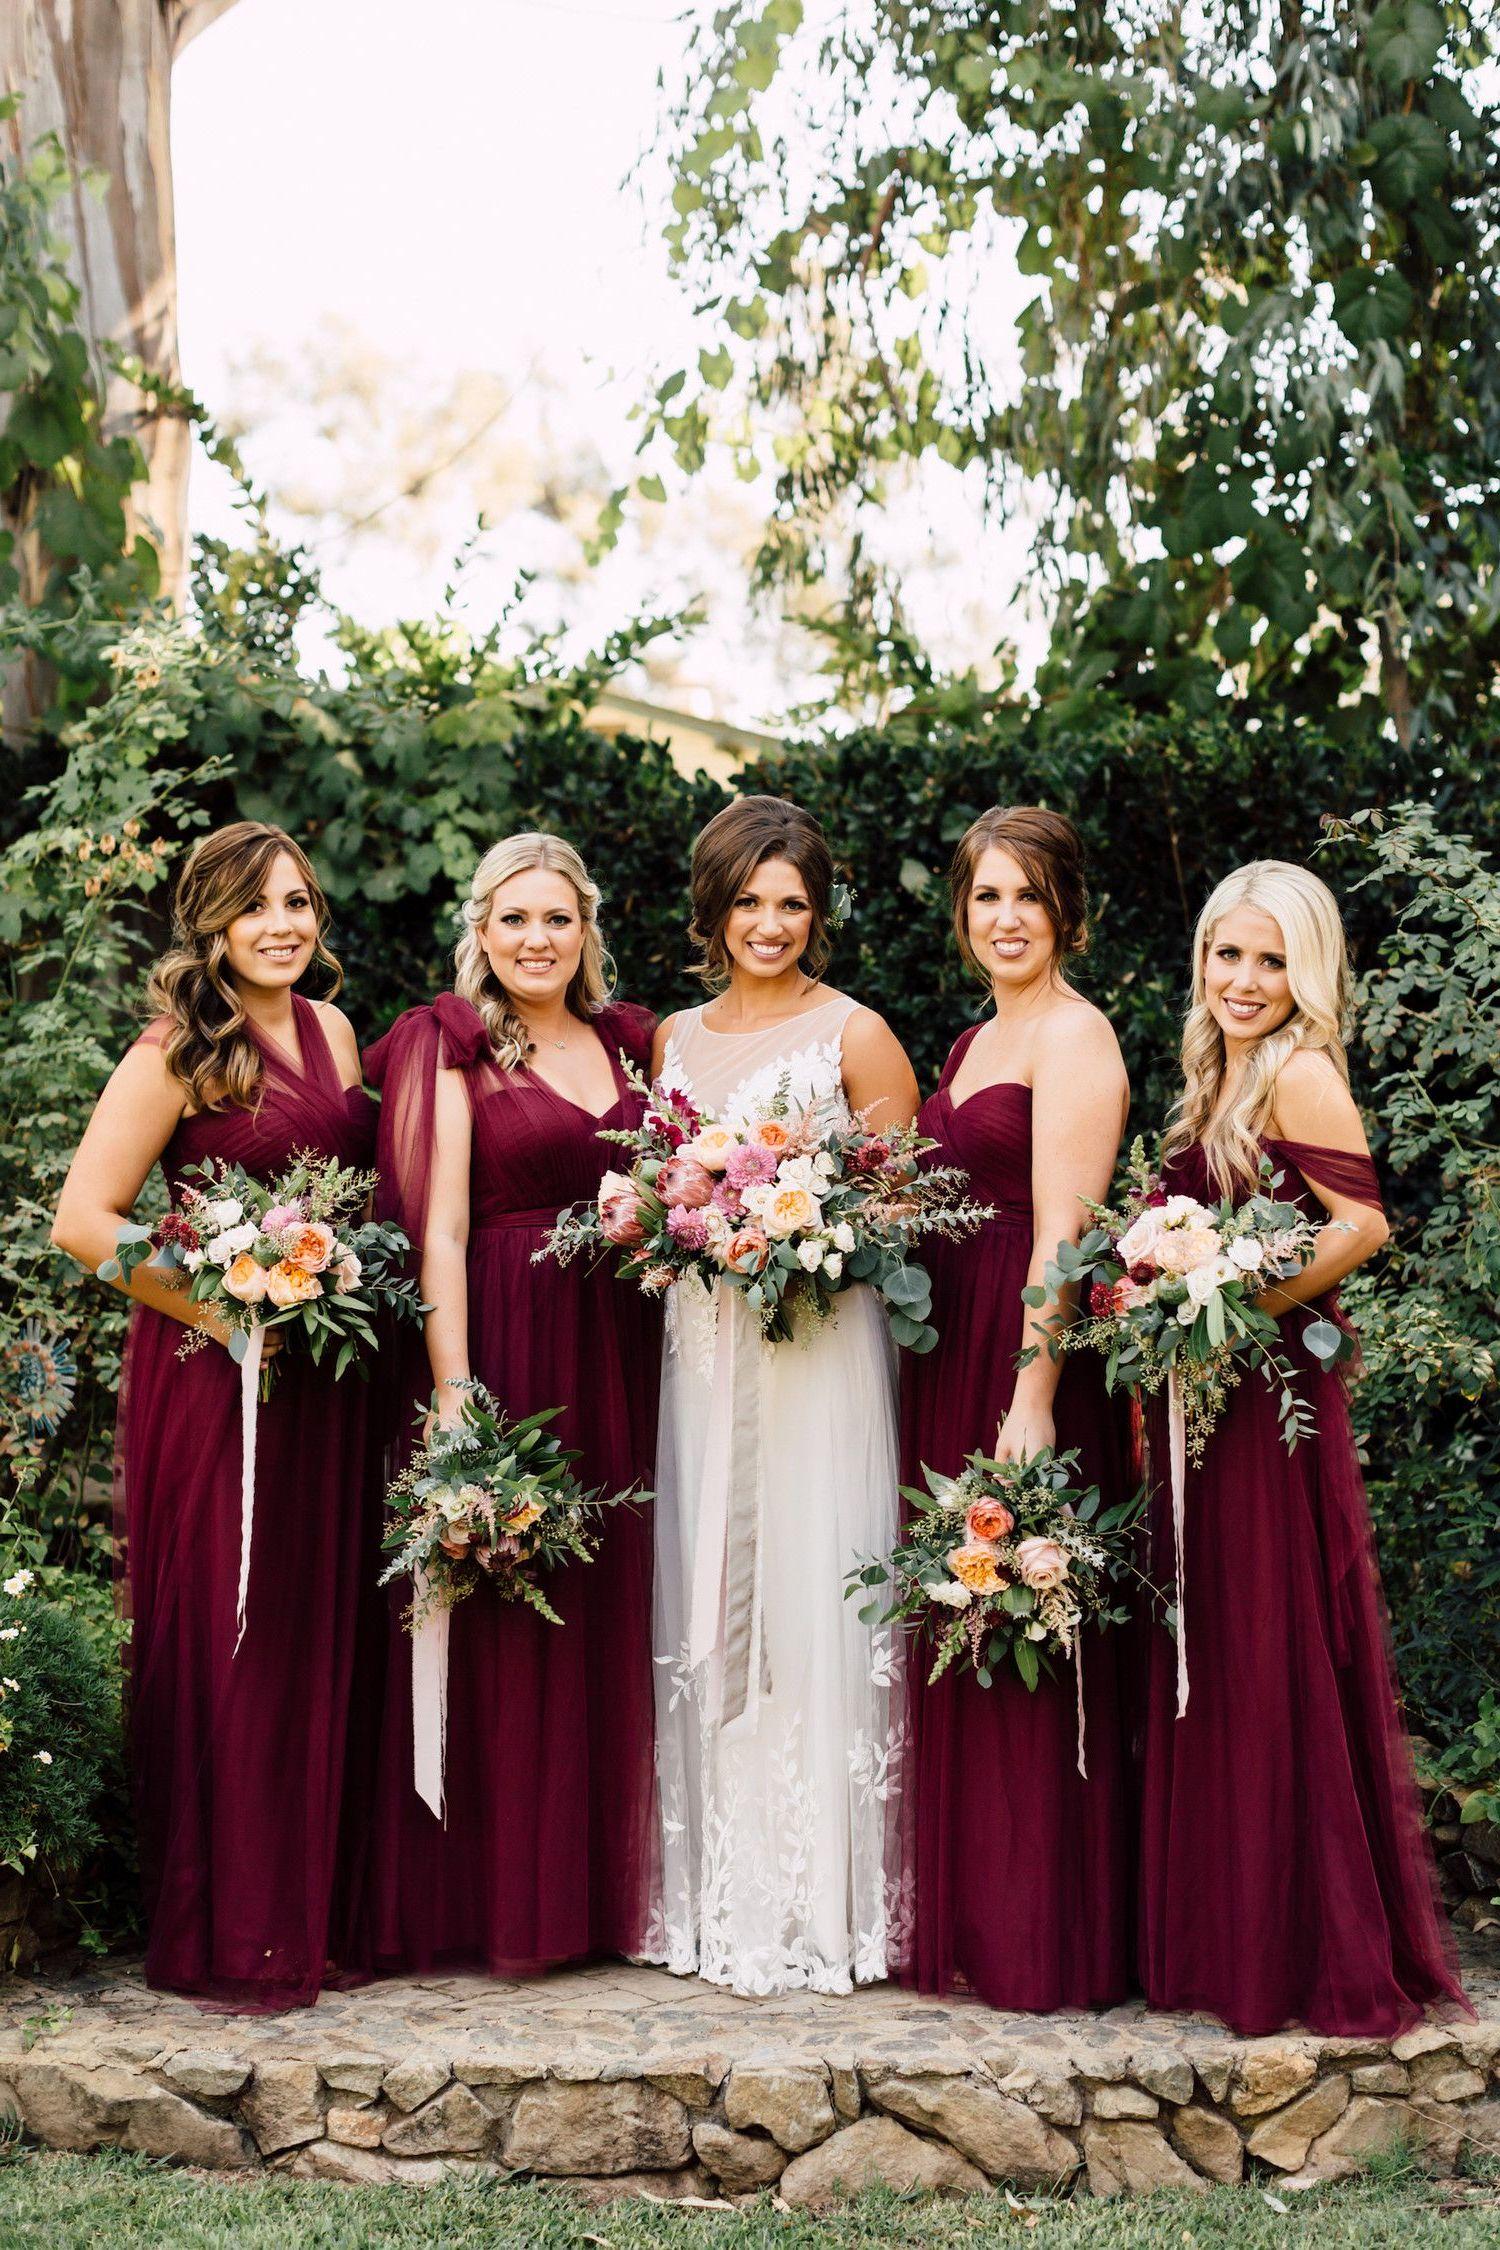 Brautjungfer Kleid Ideen - Haben Sie Mut zur Farbe